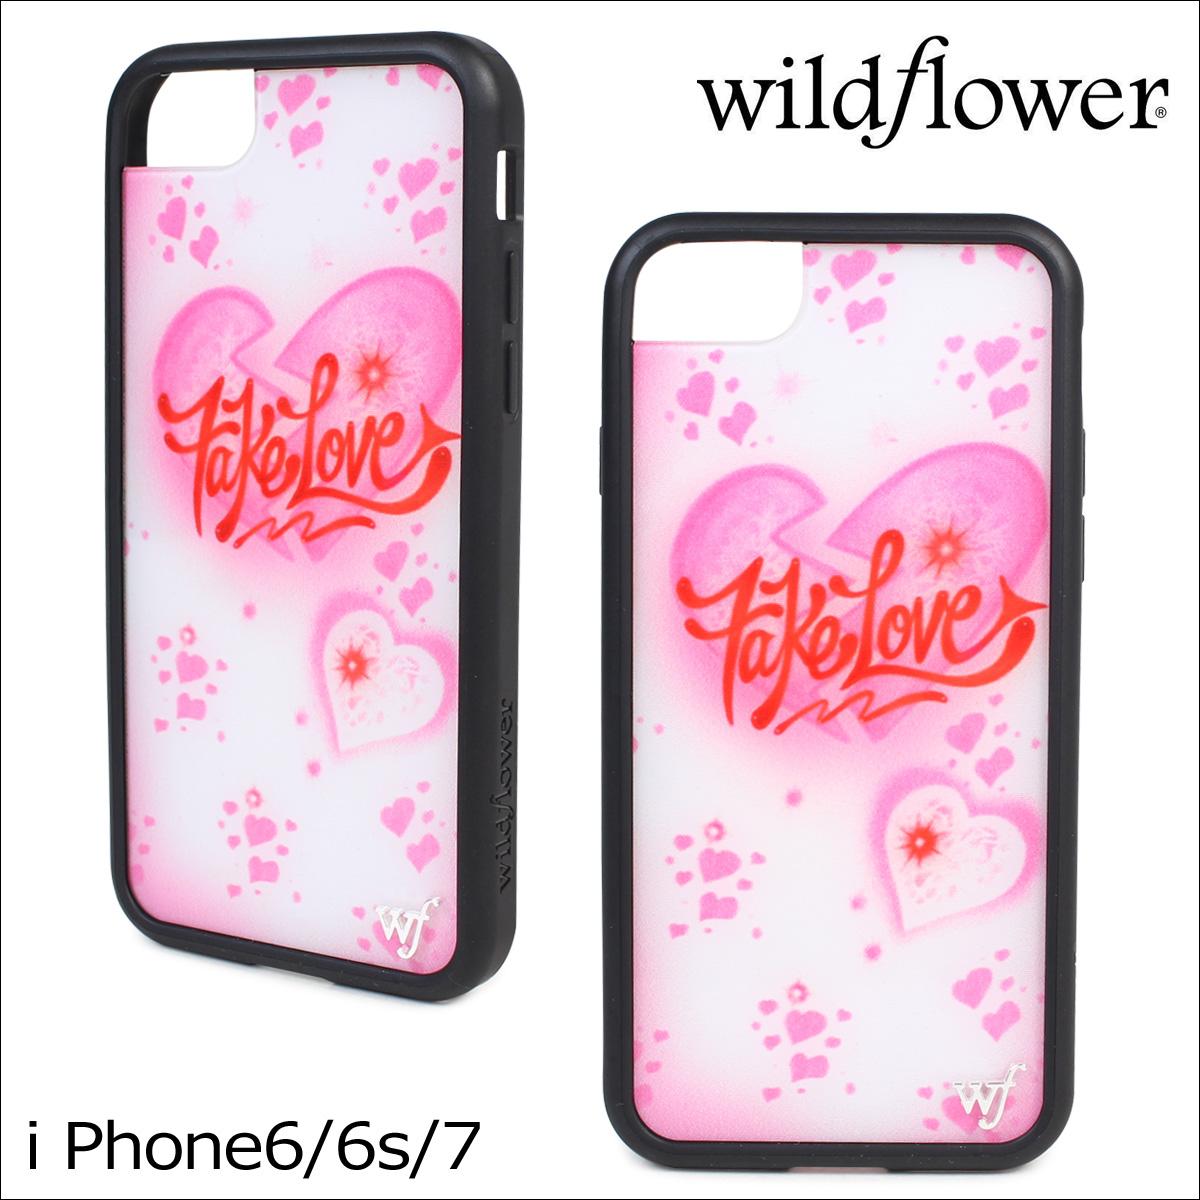 wildflower ワイルドフラワー iPhone8 SE 7 6 6s ケース スマホ 携帯 アイフォン レディース ホワイト 白 FAKE ネコポス可